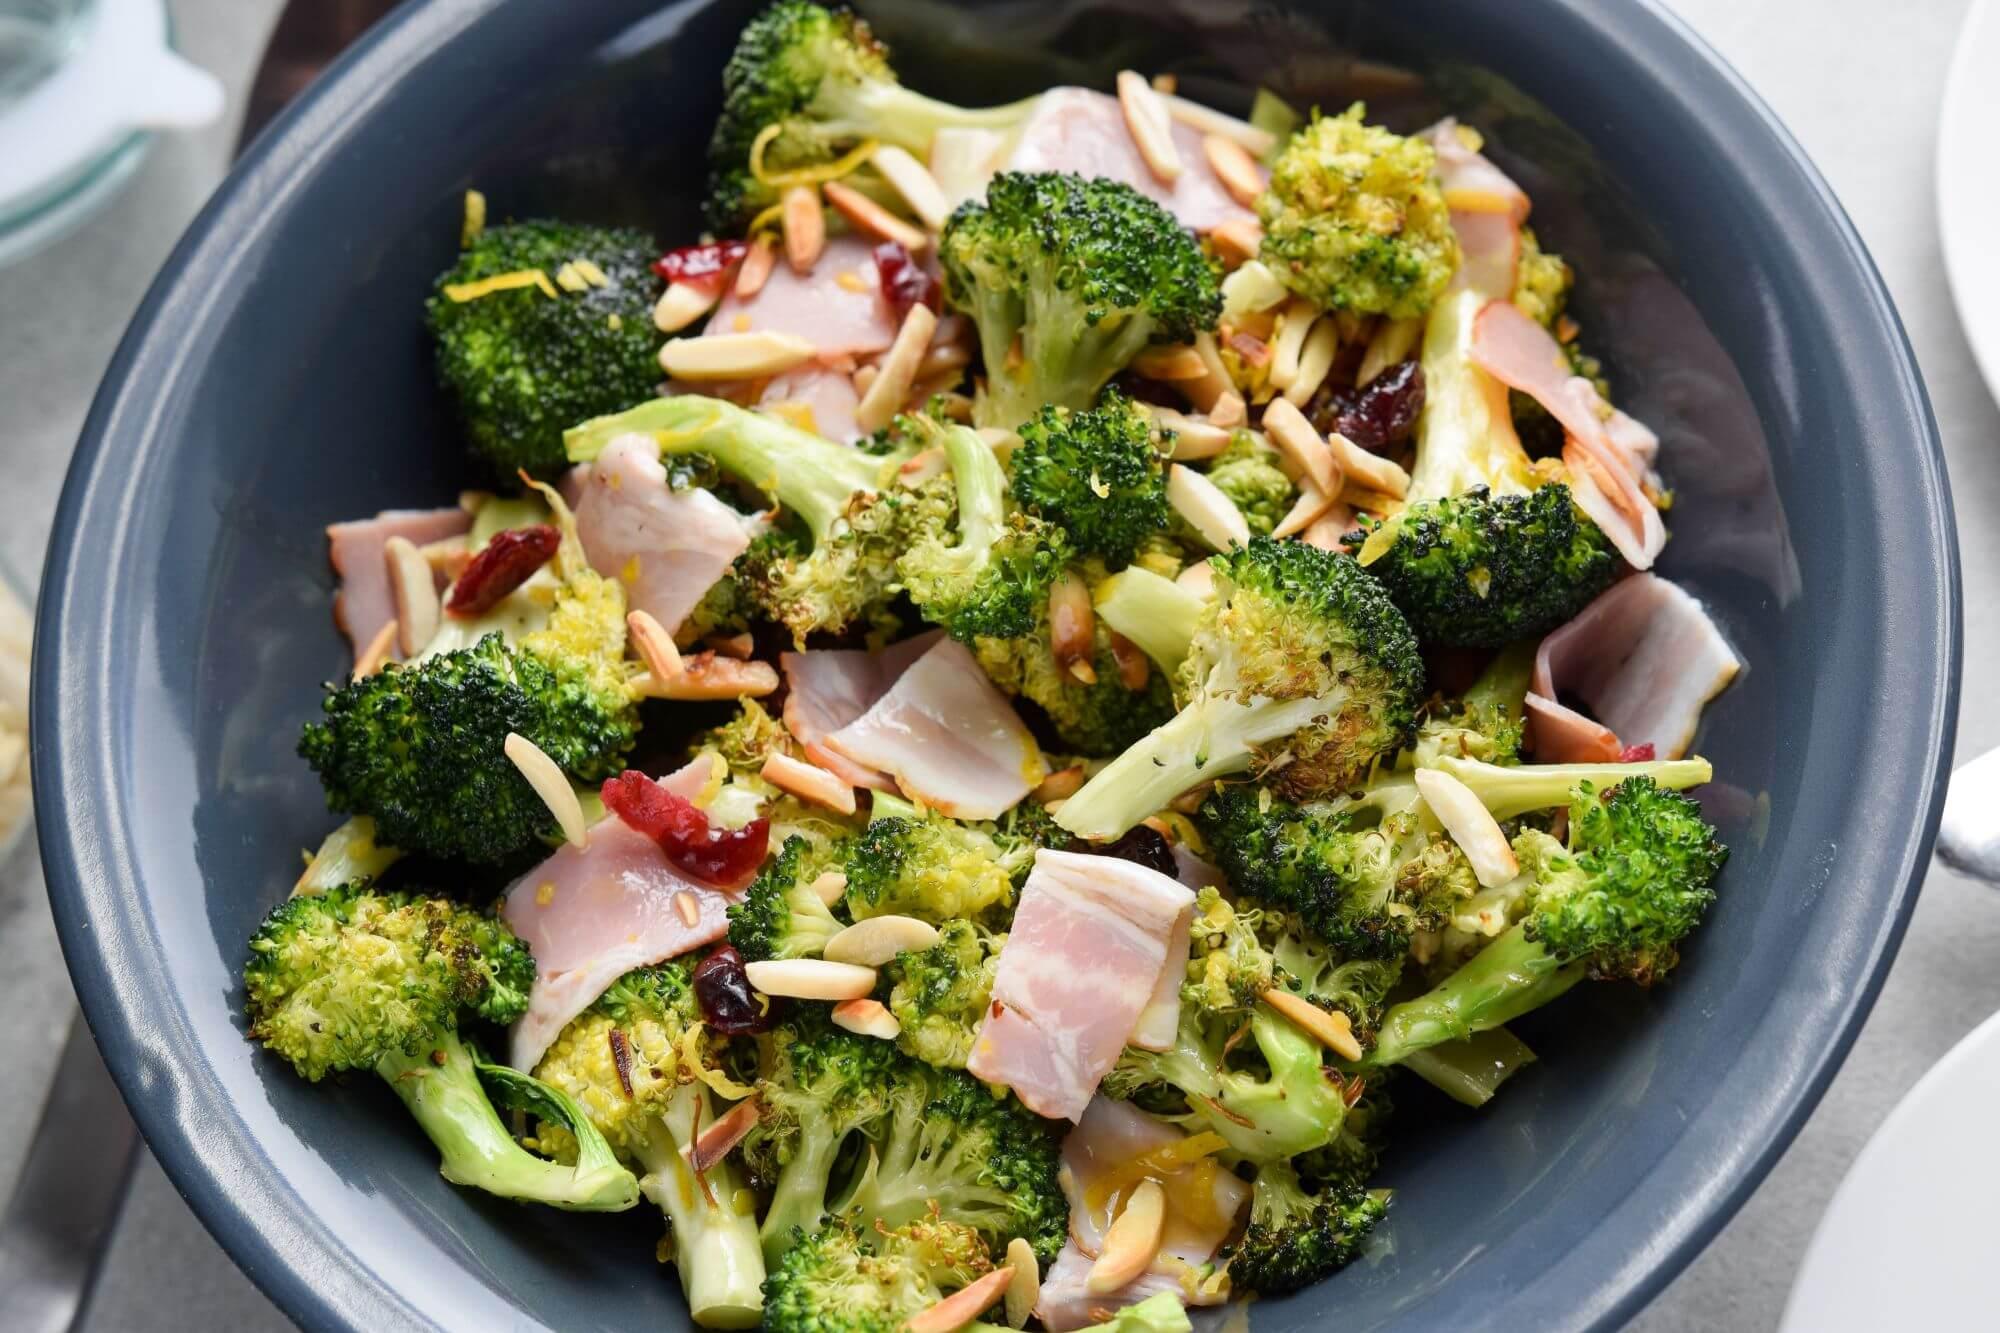 Zdrowa-kolacja-salatka-z-brokulem-i-boczkiem-gotowy-przepis